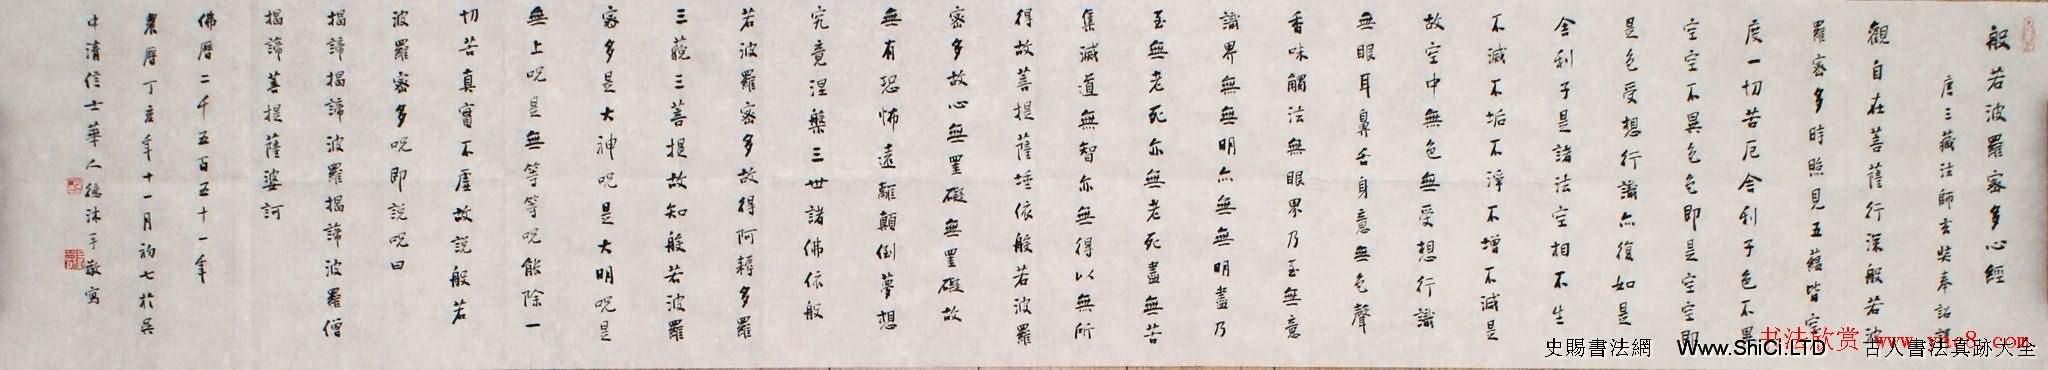 華人德書法作品真跡欣賞《心經》3種(共7張圖片)